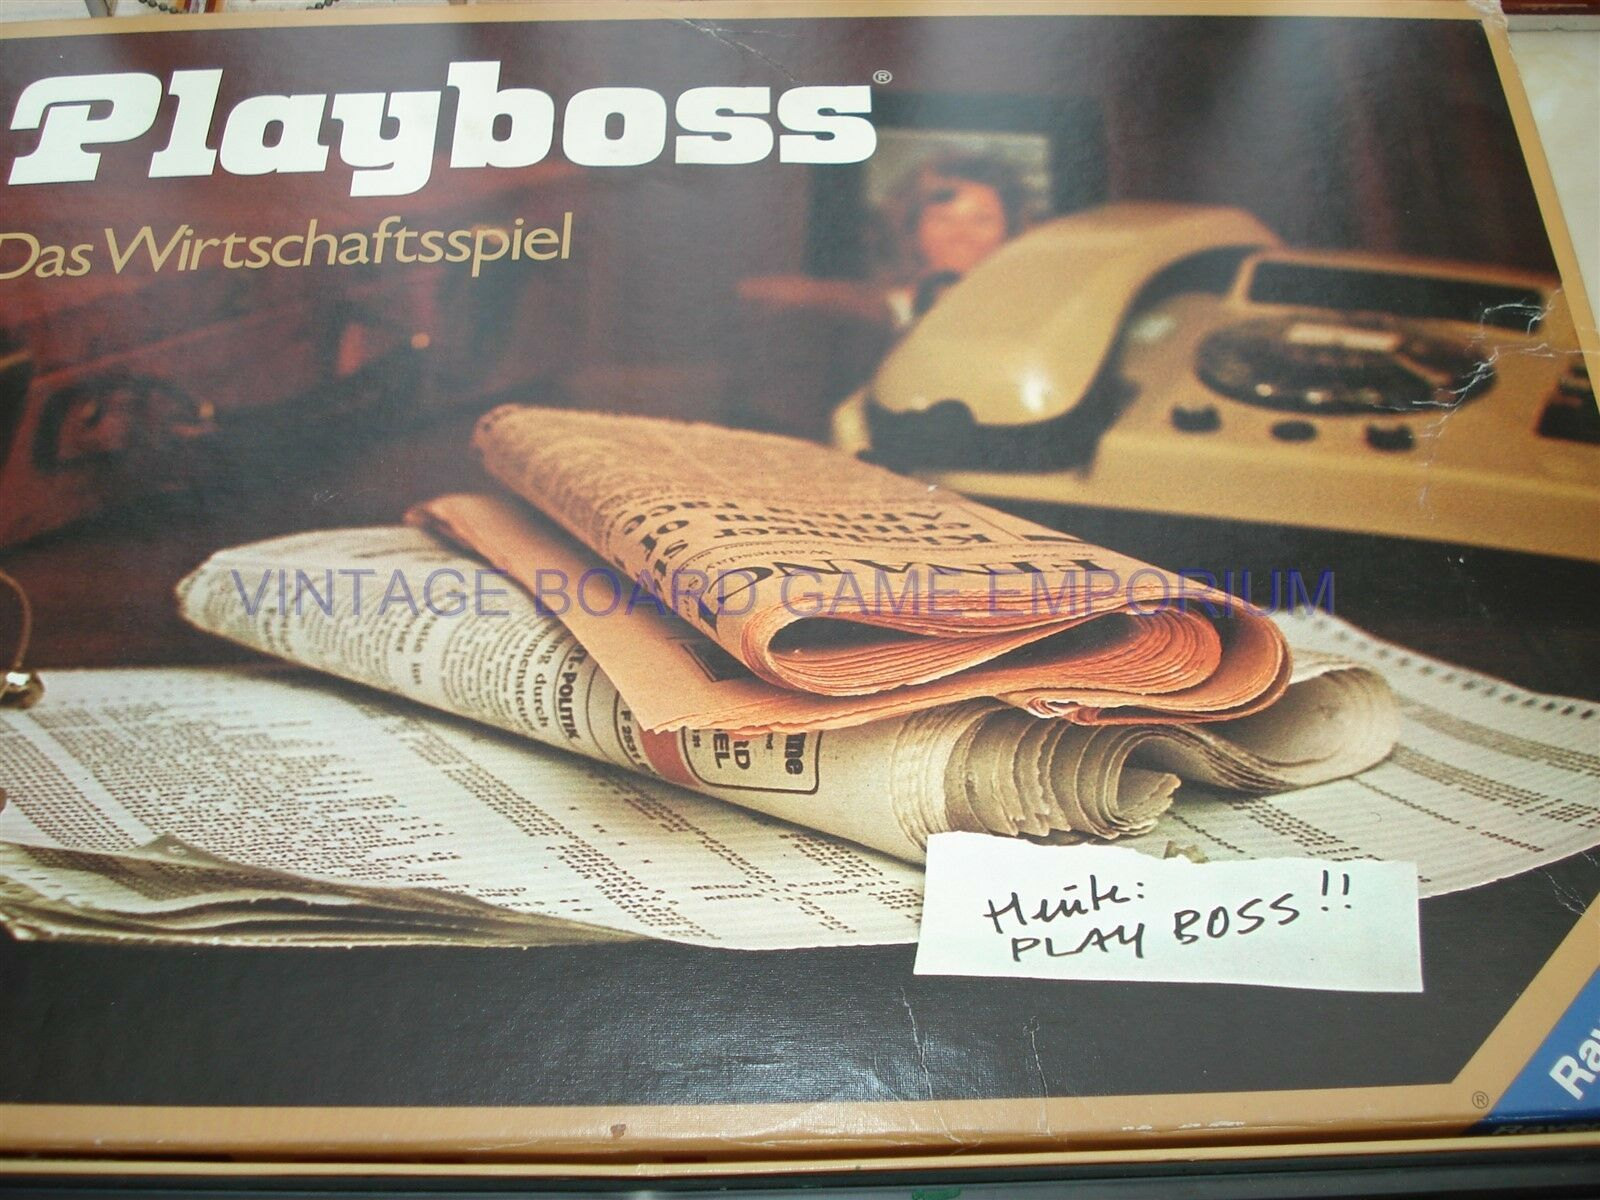 Playboss spiel - playboss - ravensburger - 100% - boss spiel - deutsche spiel spielen.